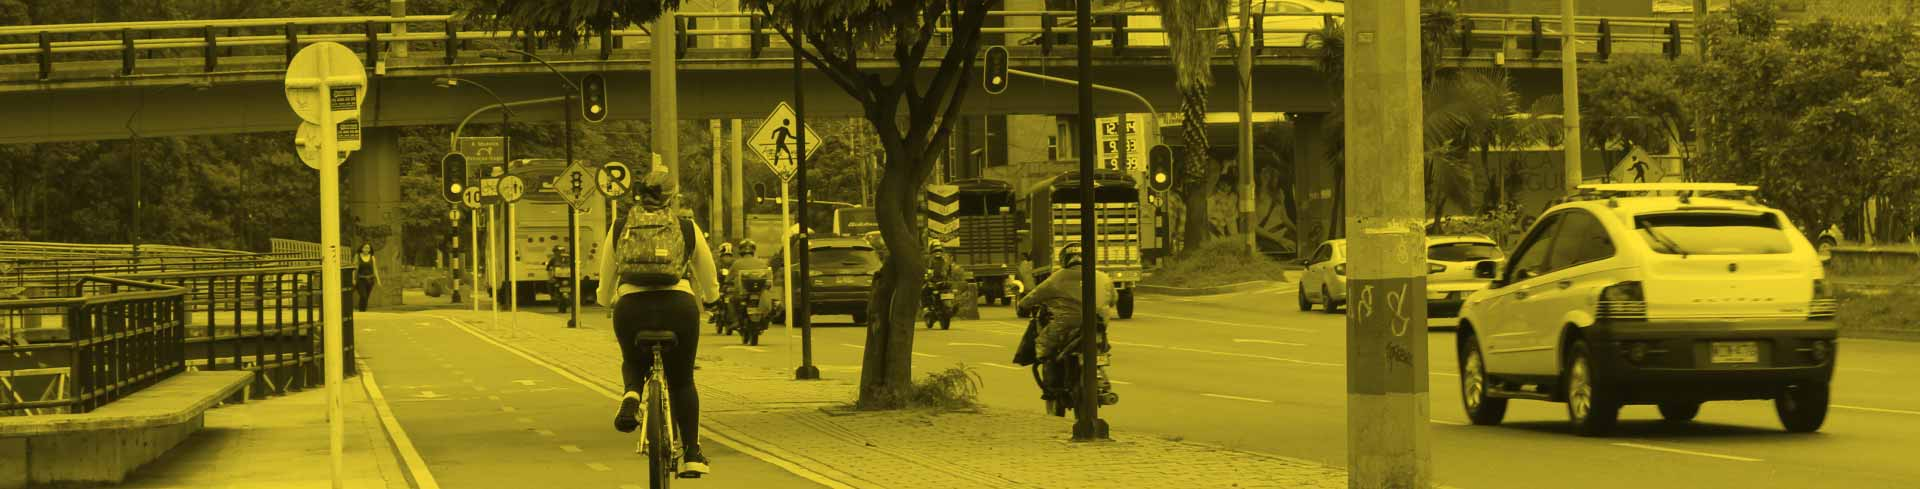 Ciudadanía, desarrollo urbano y calidad del aire